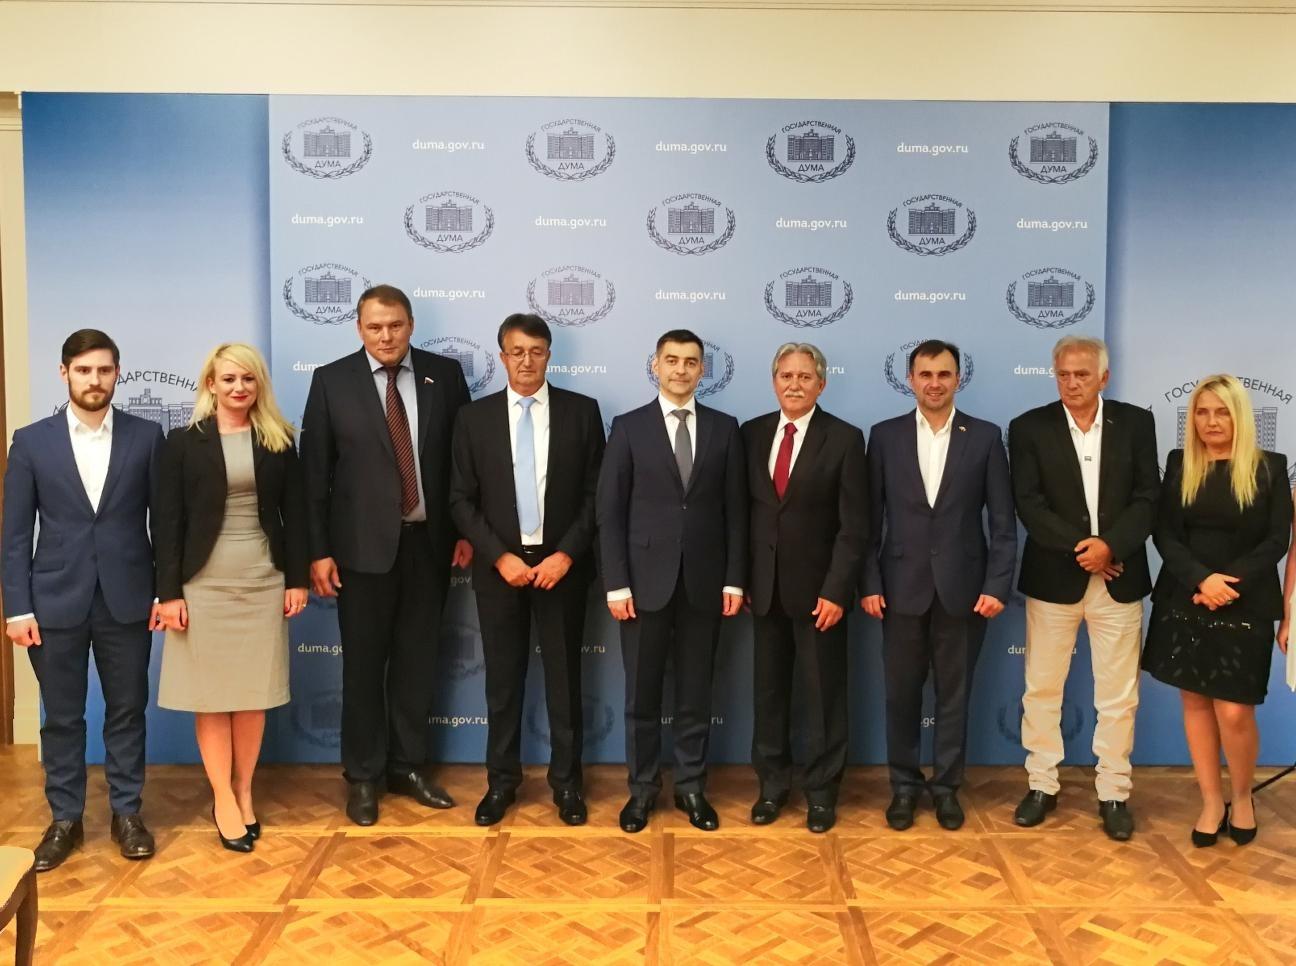 Rusija spremna da pomogne po pitanju rešavanja kosovskog problema